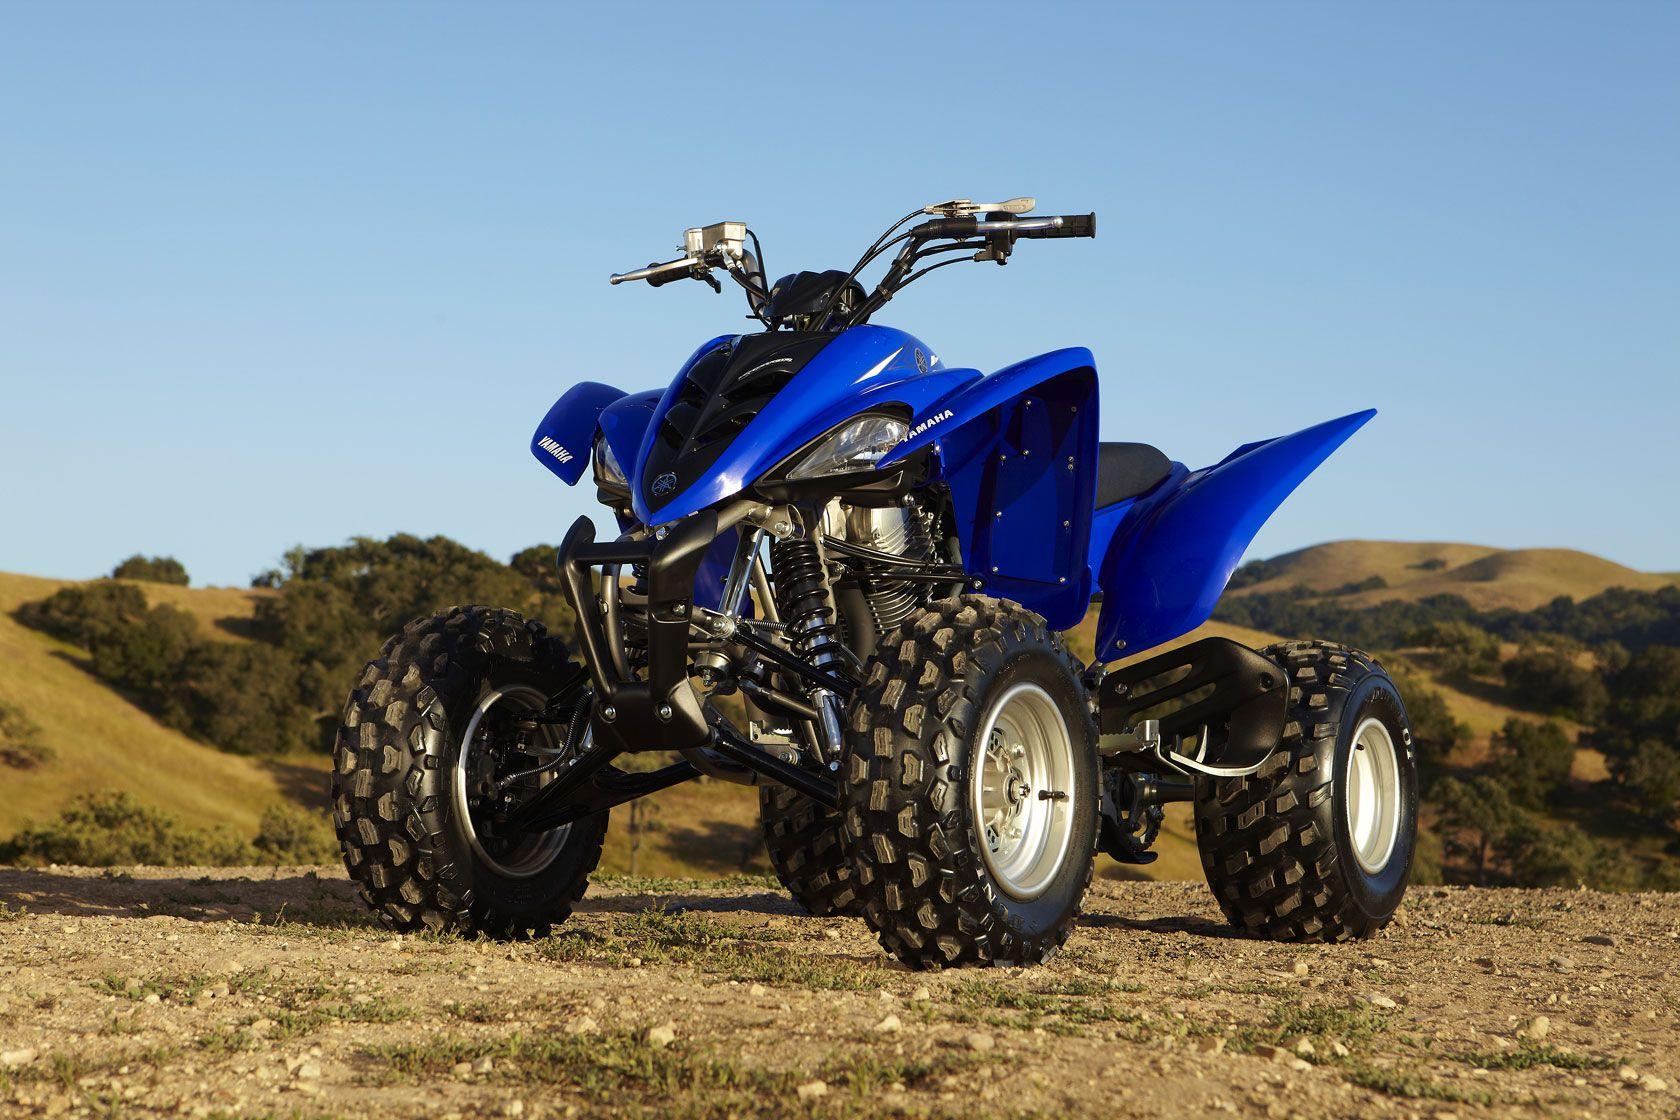 Download Yamaha Raptor Repair Manual 50 80 90 250 350 660 700 Yamaha Atv Repair Manuals Raptor